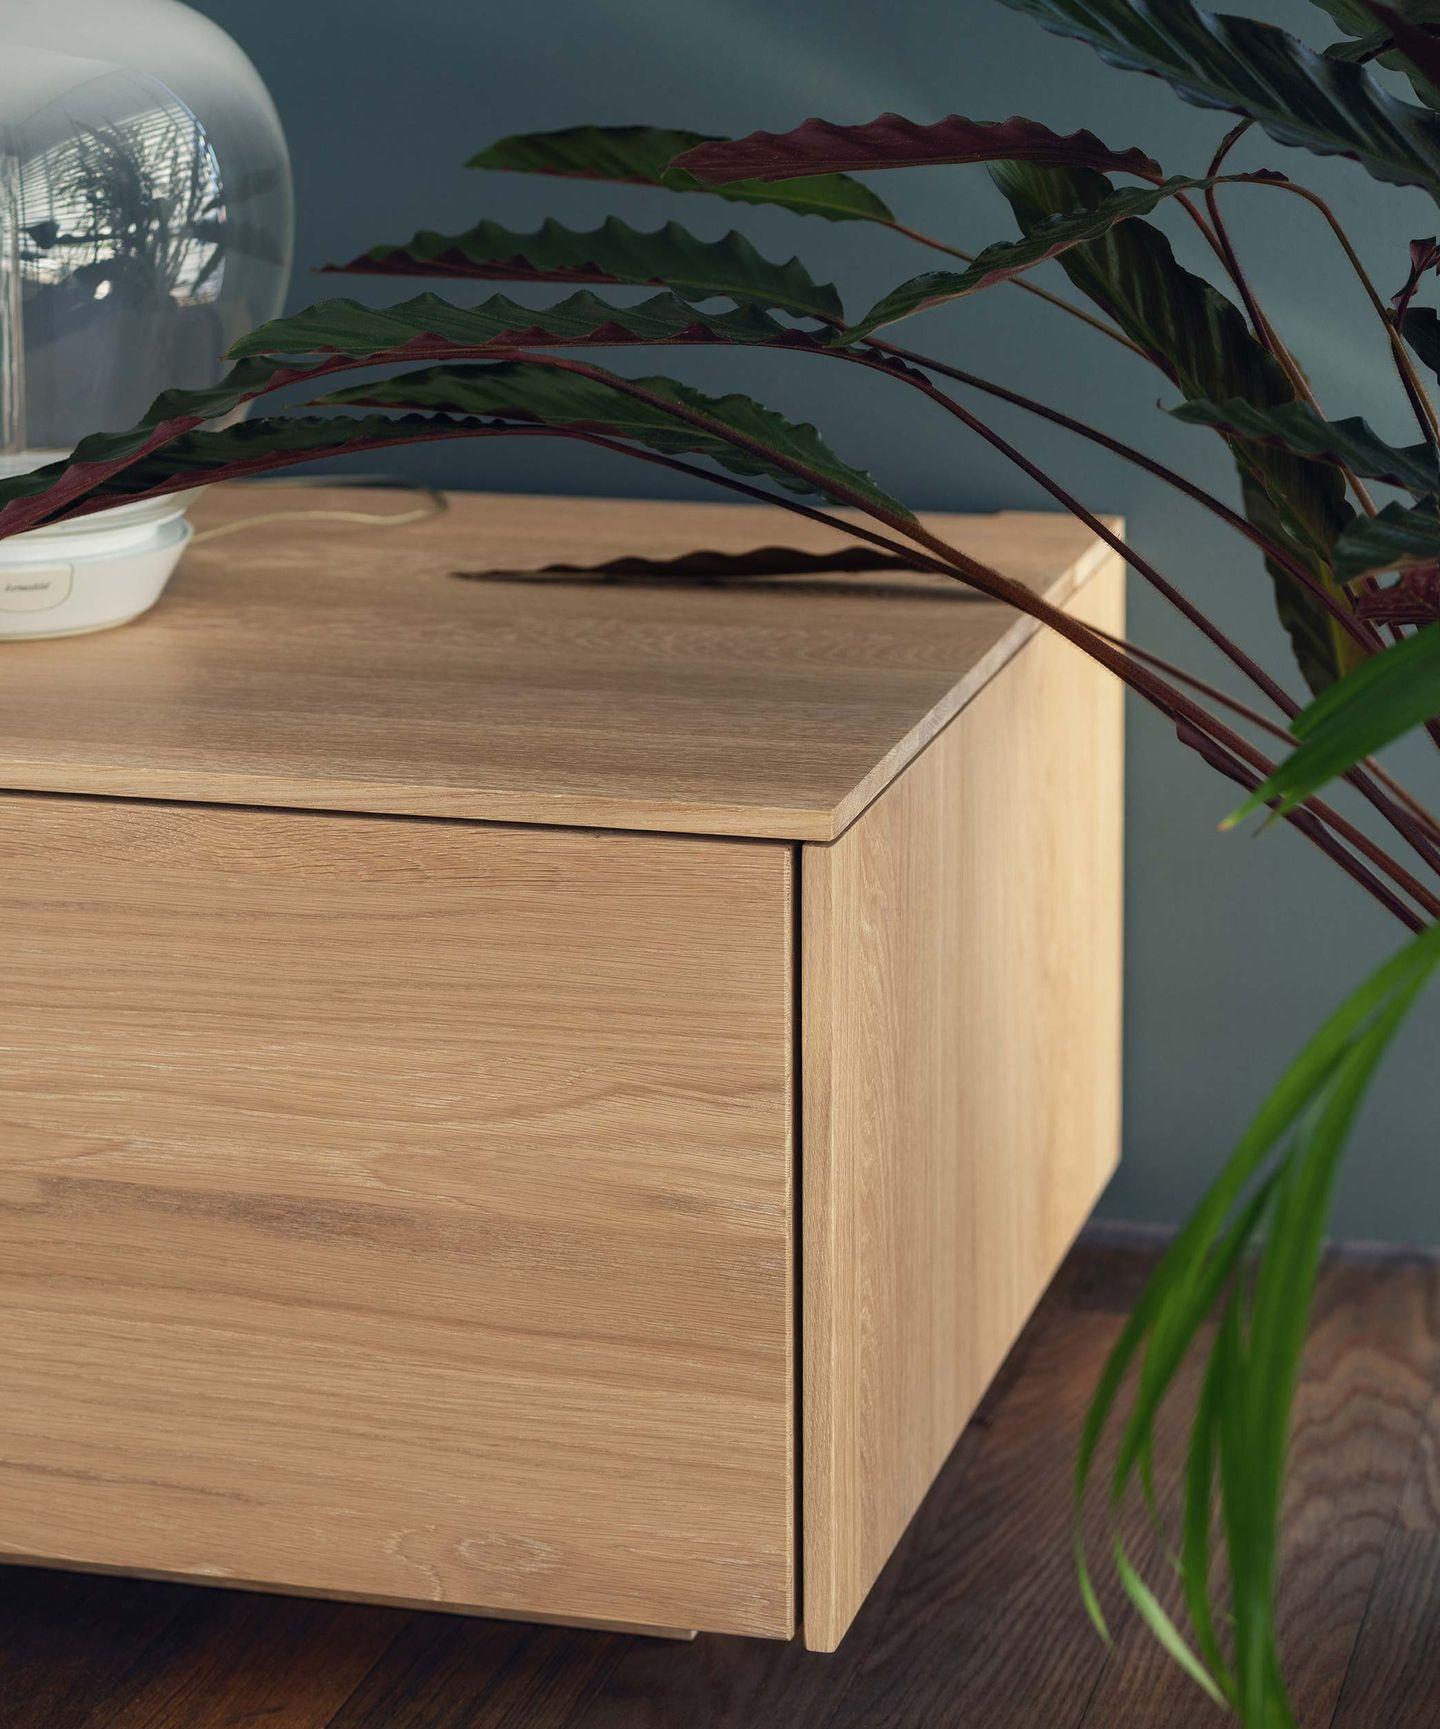 Гостиная filigno от TEAM 7 в белёном дубе, деталь крупным планом